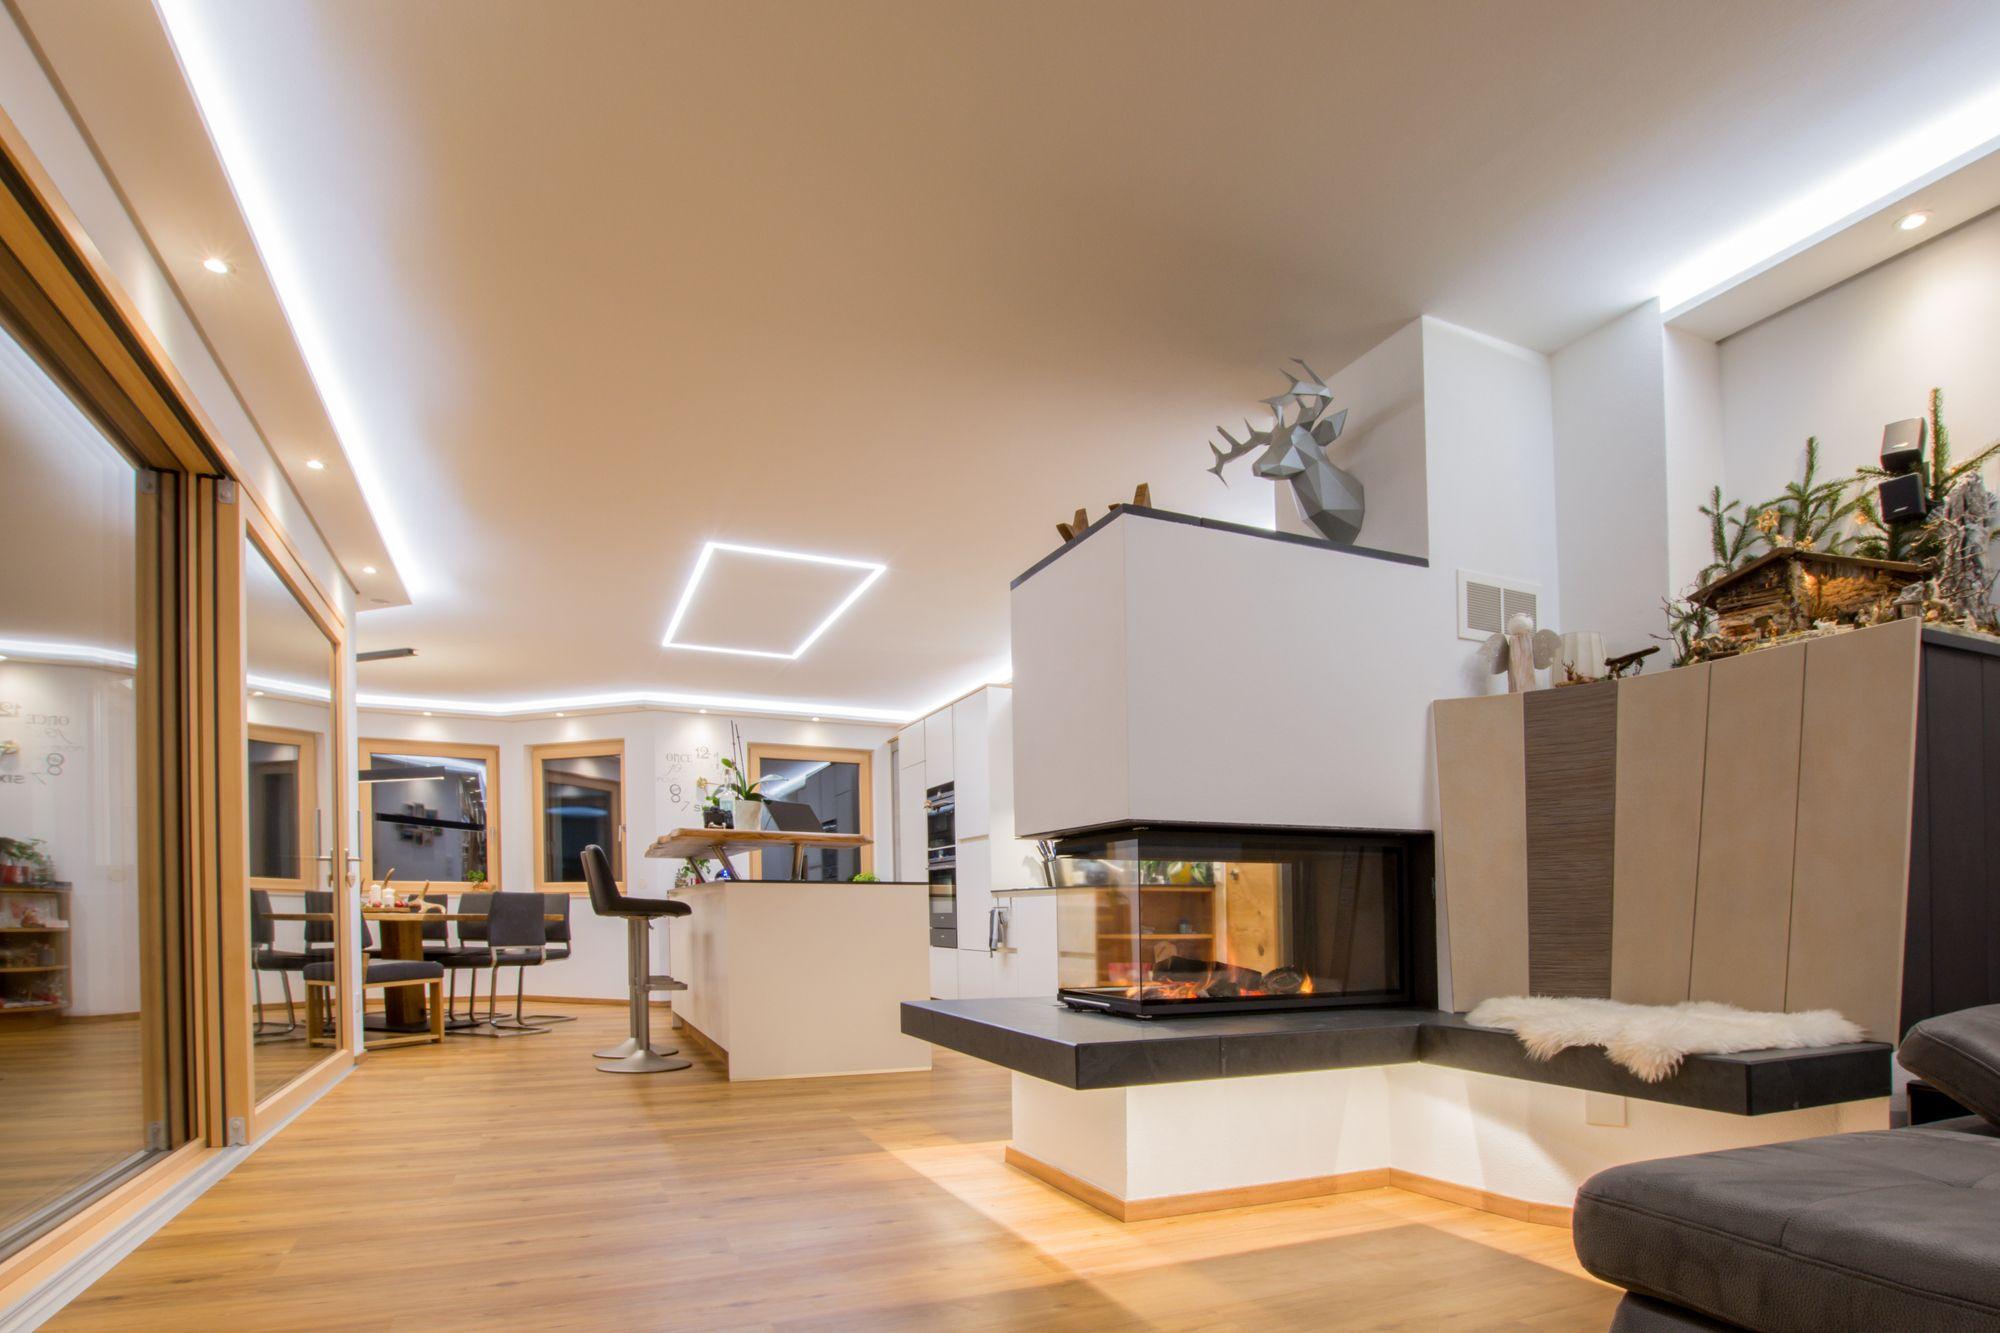 Full Size of Indirekte Beleuchtung Wohnzimmer Led Indirekte Wohnzimmer Beleuchtung Selber Machen Indirekte Beleuchtung Wohnzimmer Modern Wohnzimmer Lampen Indirekte Beleuchtung Wohnzimmer Indirekte Beleuchtung Wohnzimmer